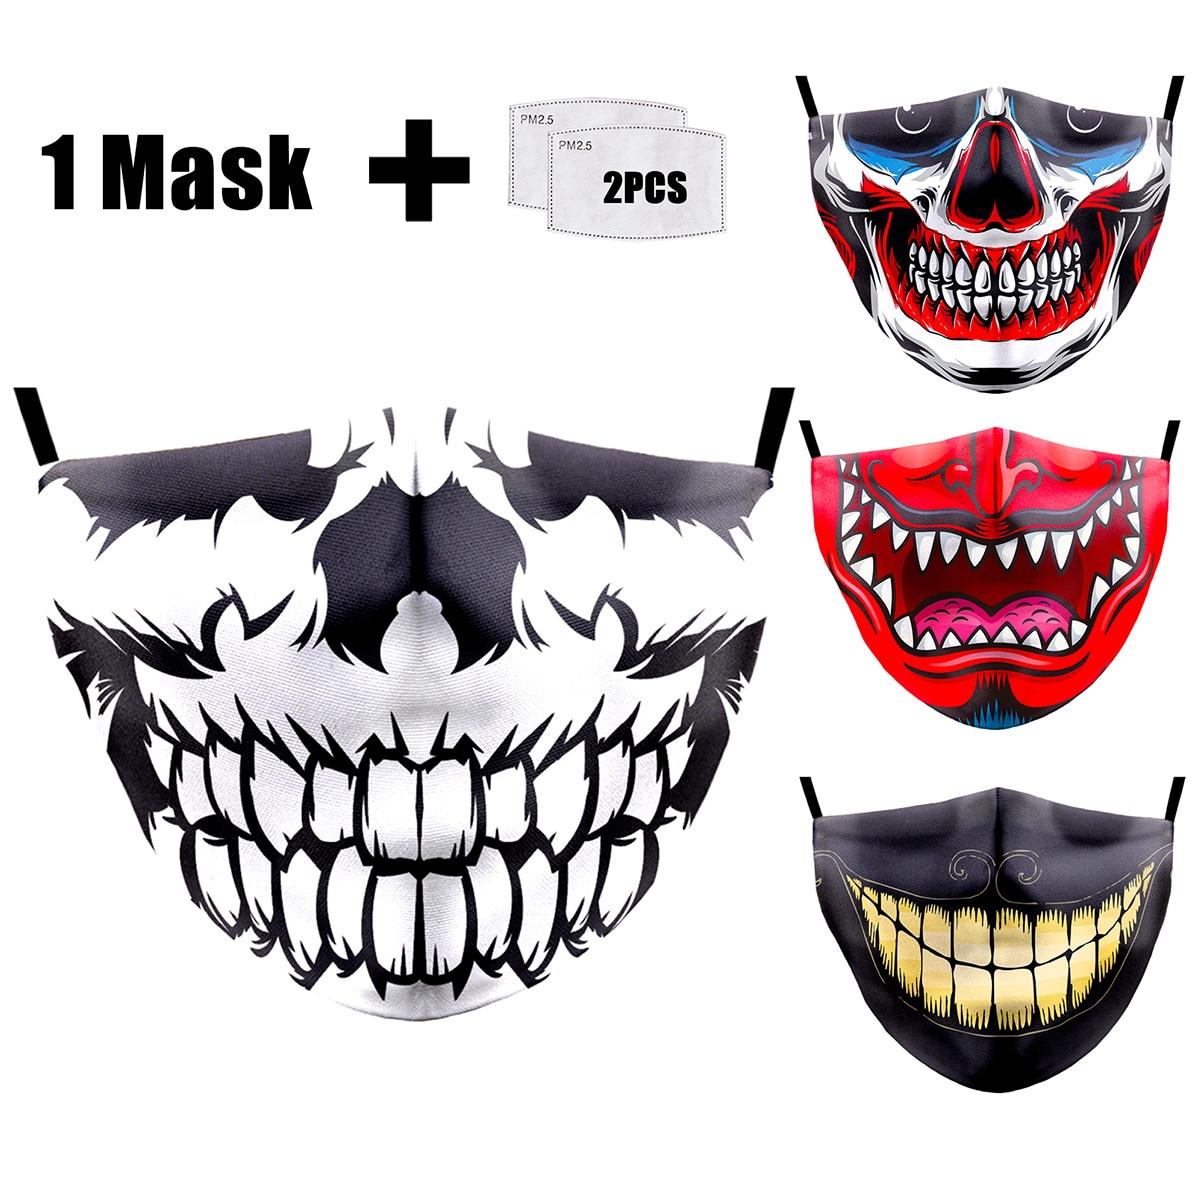 Face Mask Funny Print Grimace Ghost Skeleton Half Face Mask Proof Flu Mouth Mask PM2.5 Filters Dustproof Bacteria Reusable Masks